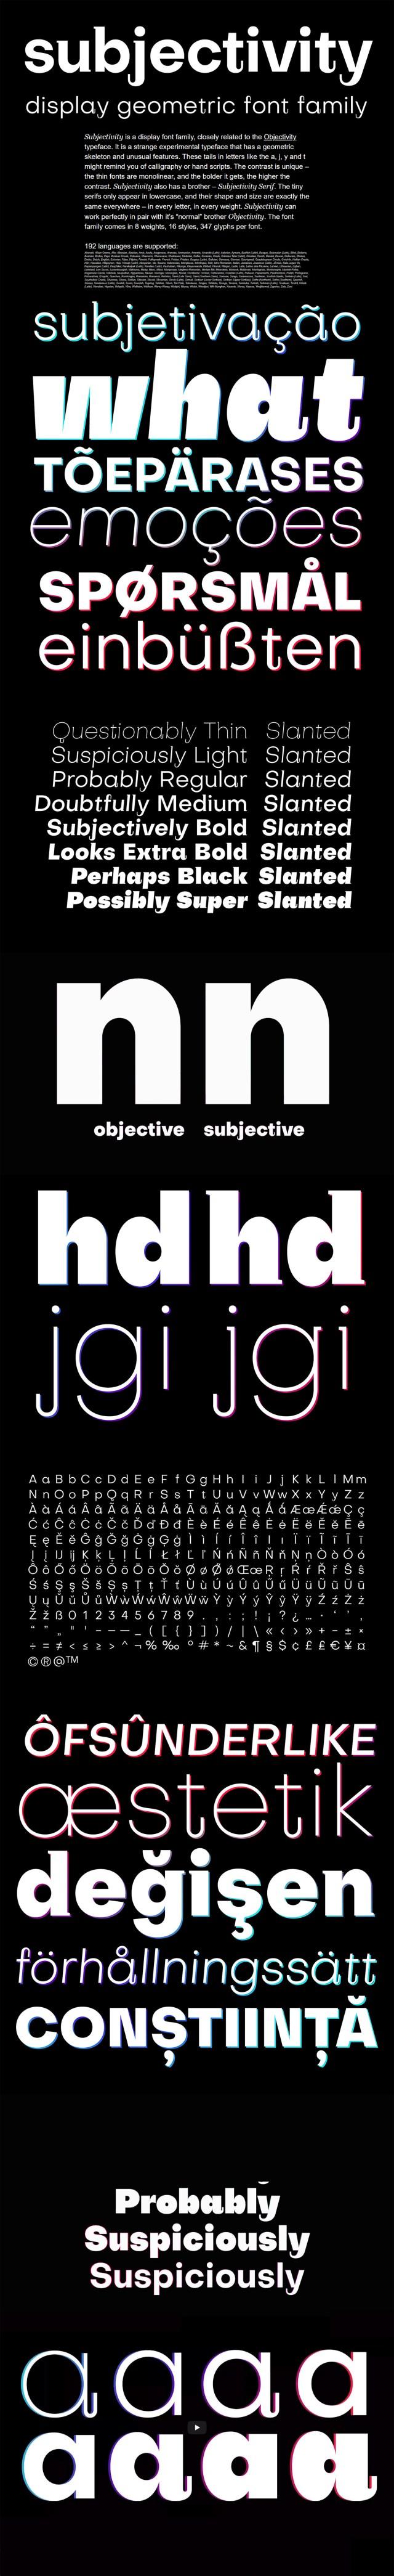 Subjectivity — Free Display Font Family